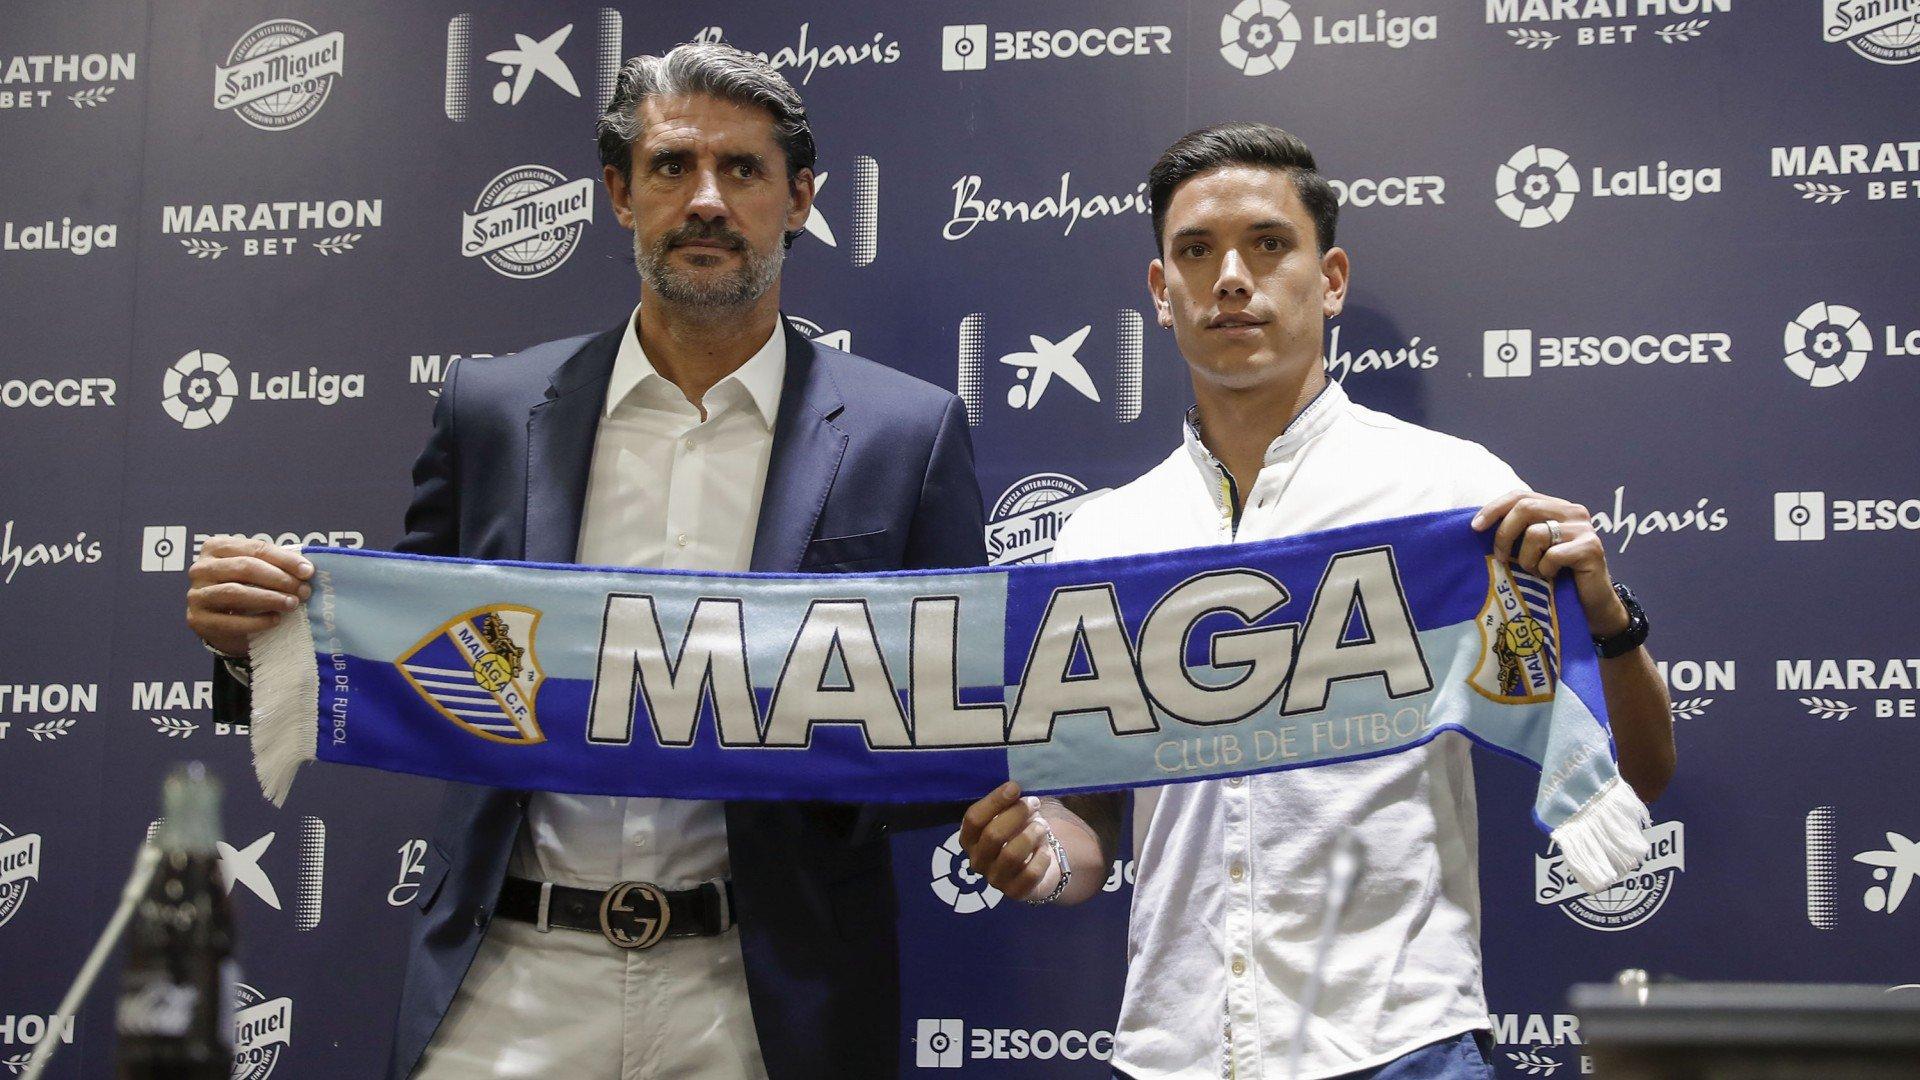 Renato Santos signs for Málaga - declarations